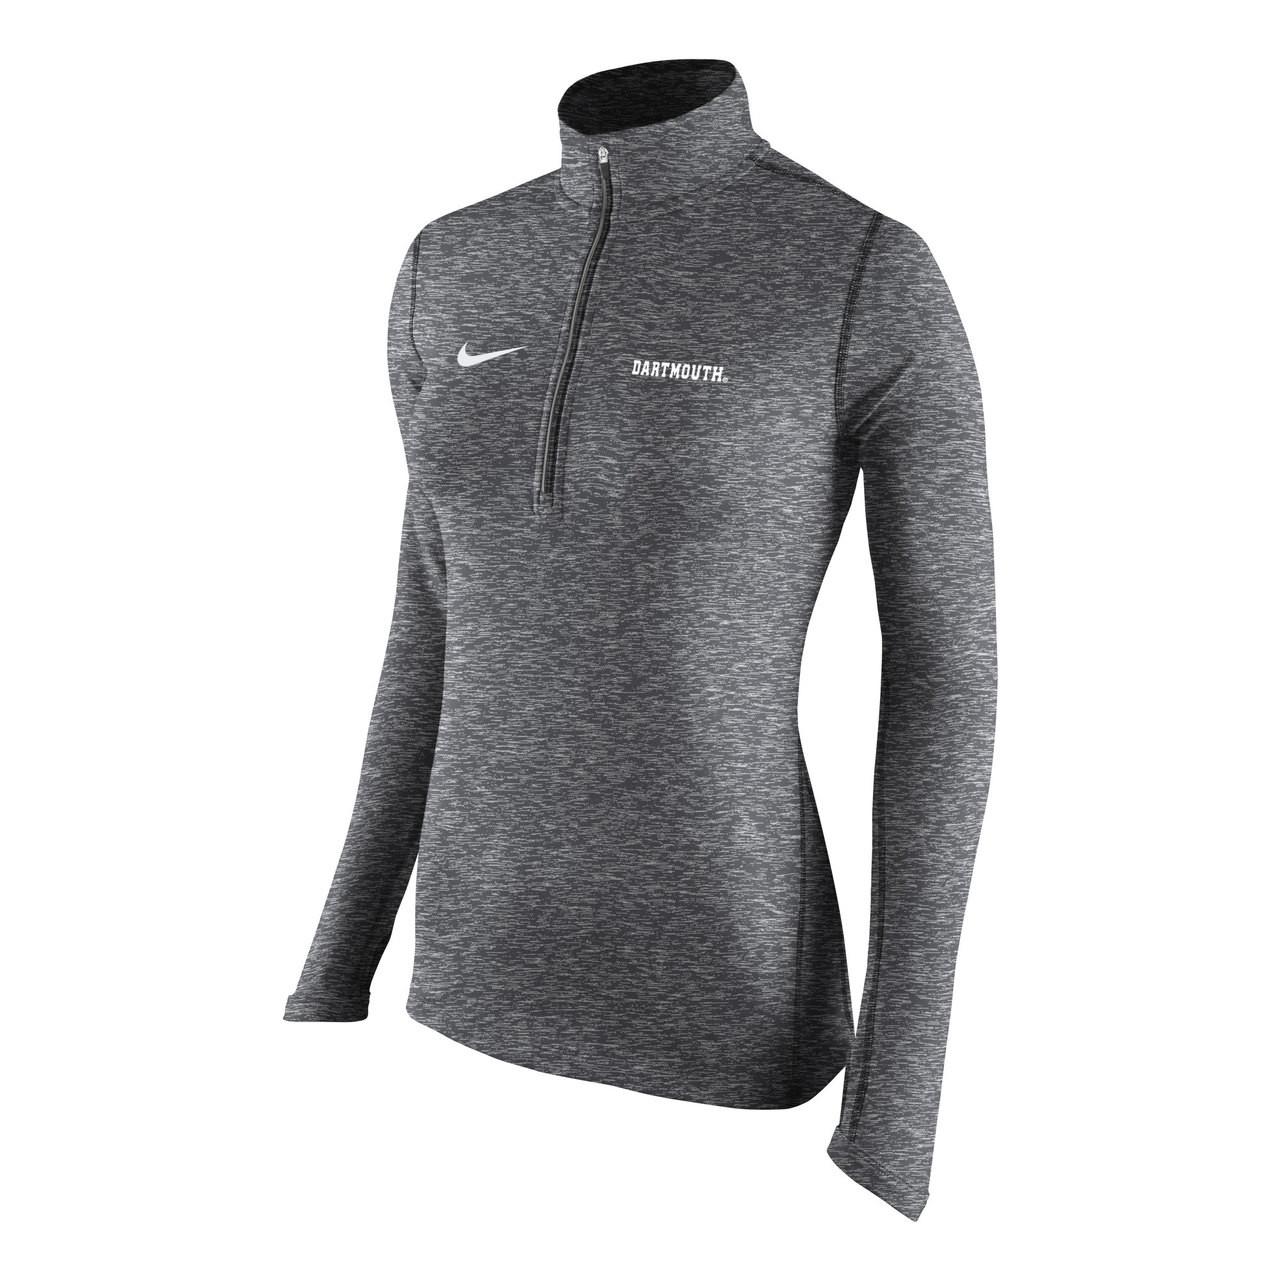 04db46cf0 Dartmouth Nike women's 1/2 zip